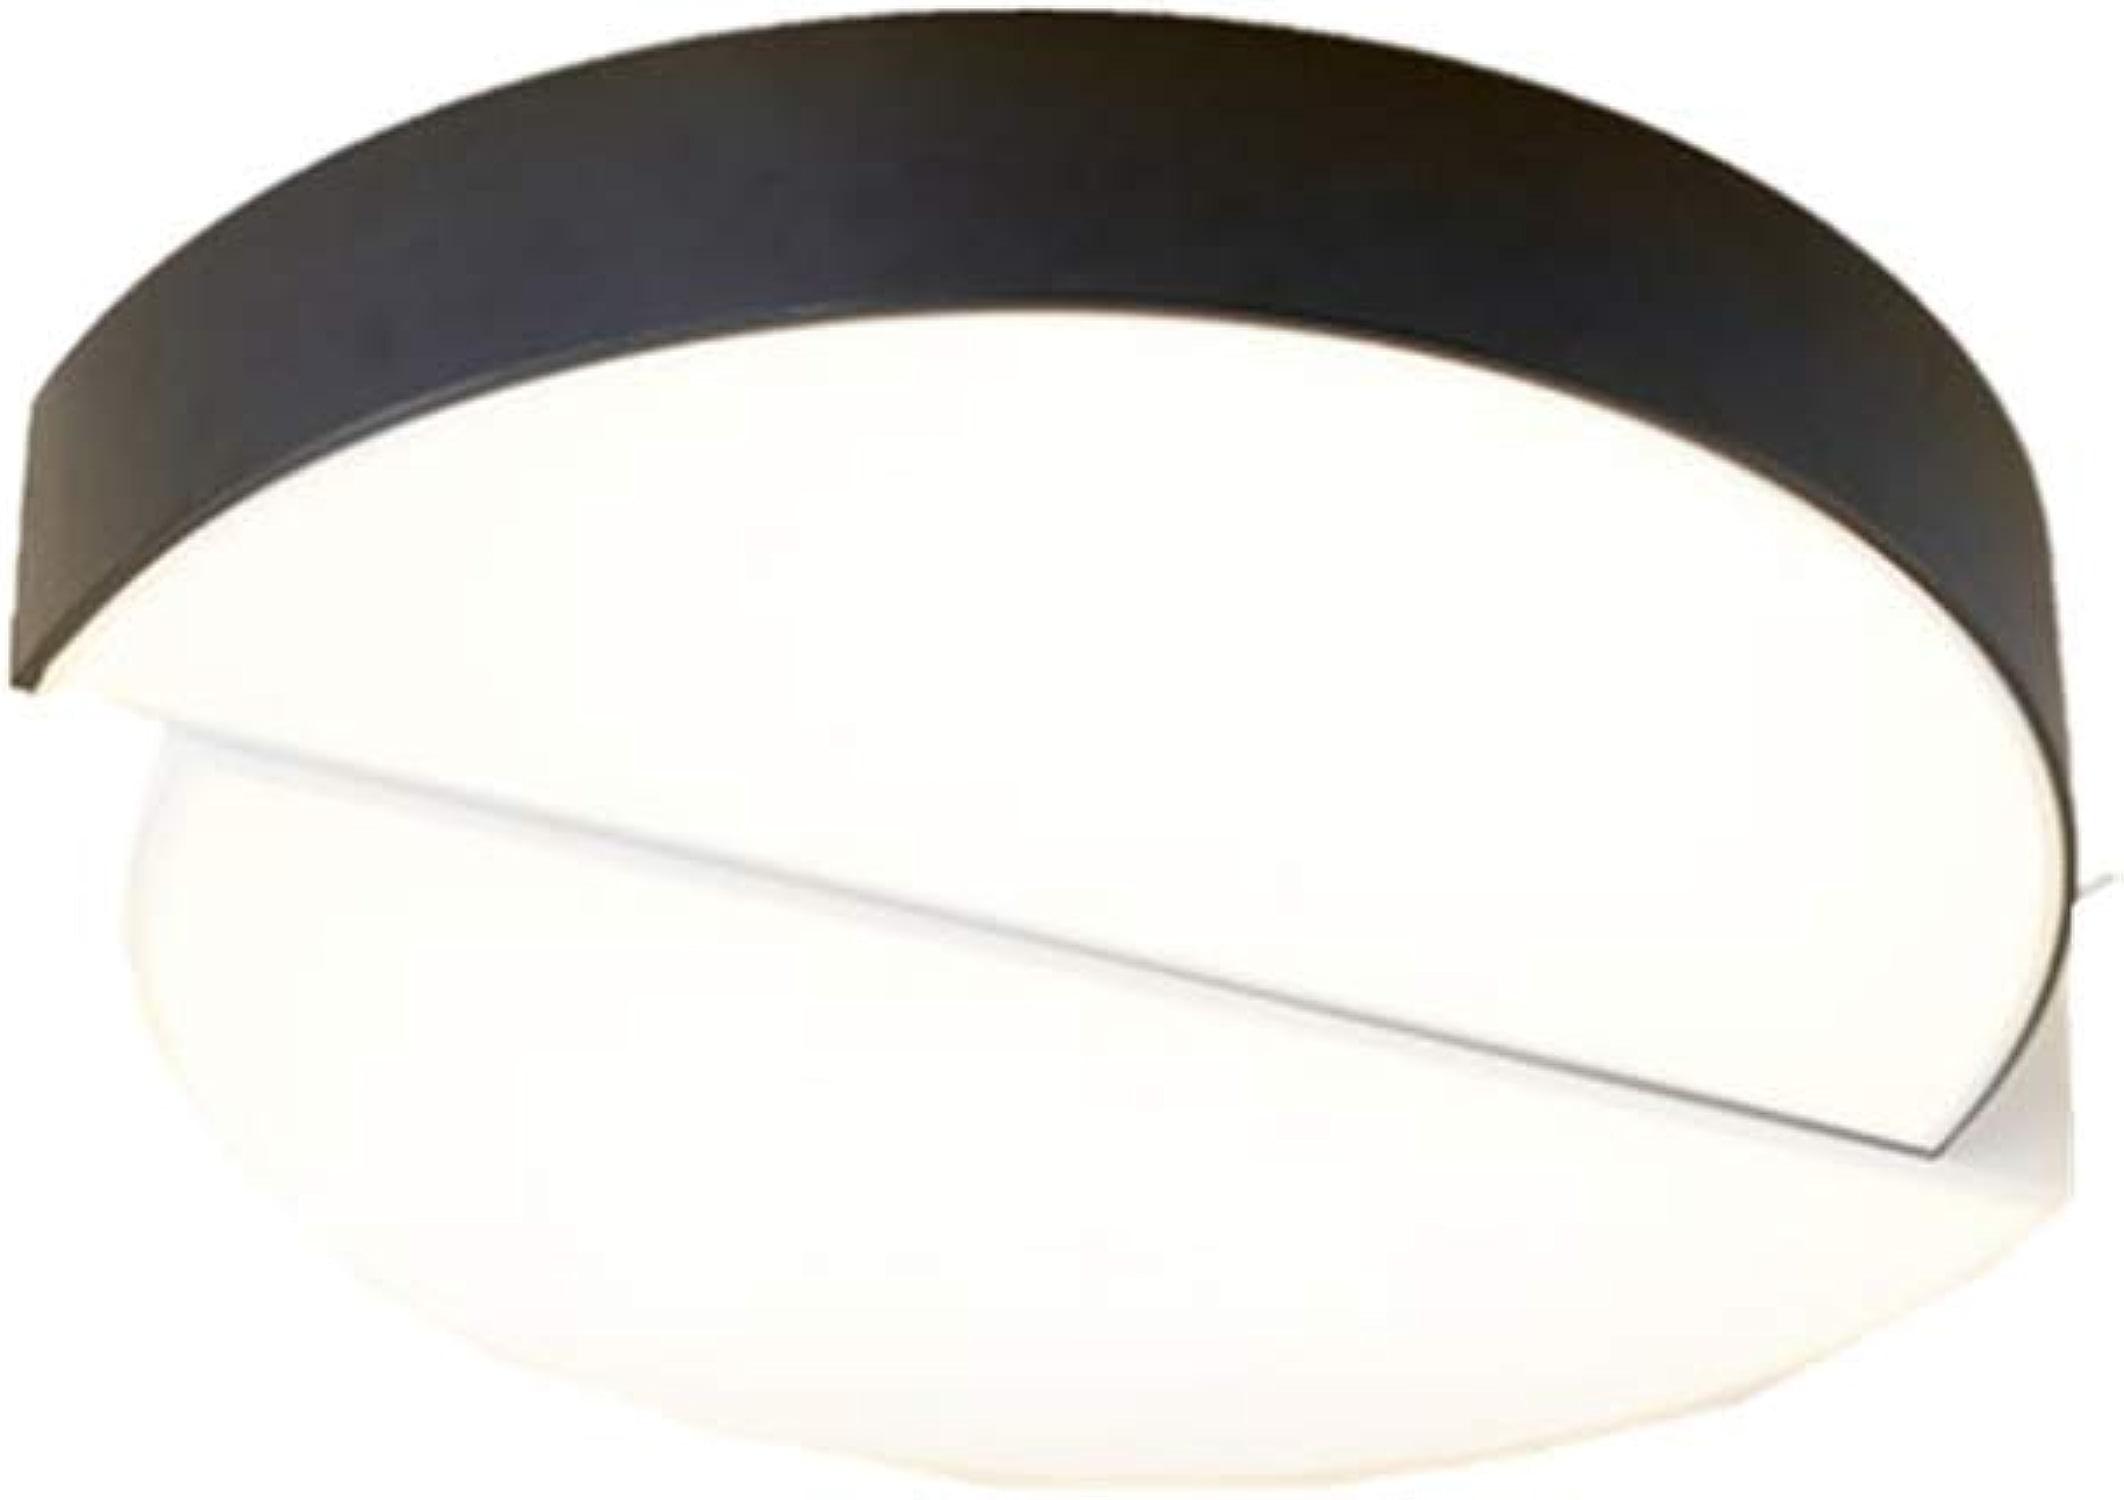 La lumière de plafond a Hommesé la lampe blanche de salle de séjour ronde de salle de séjour d'éclairage simple moderne 38cm x 42cm x 9cm